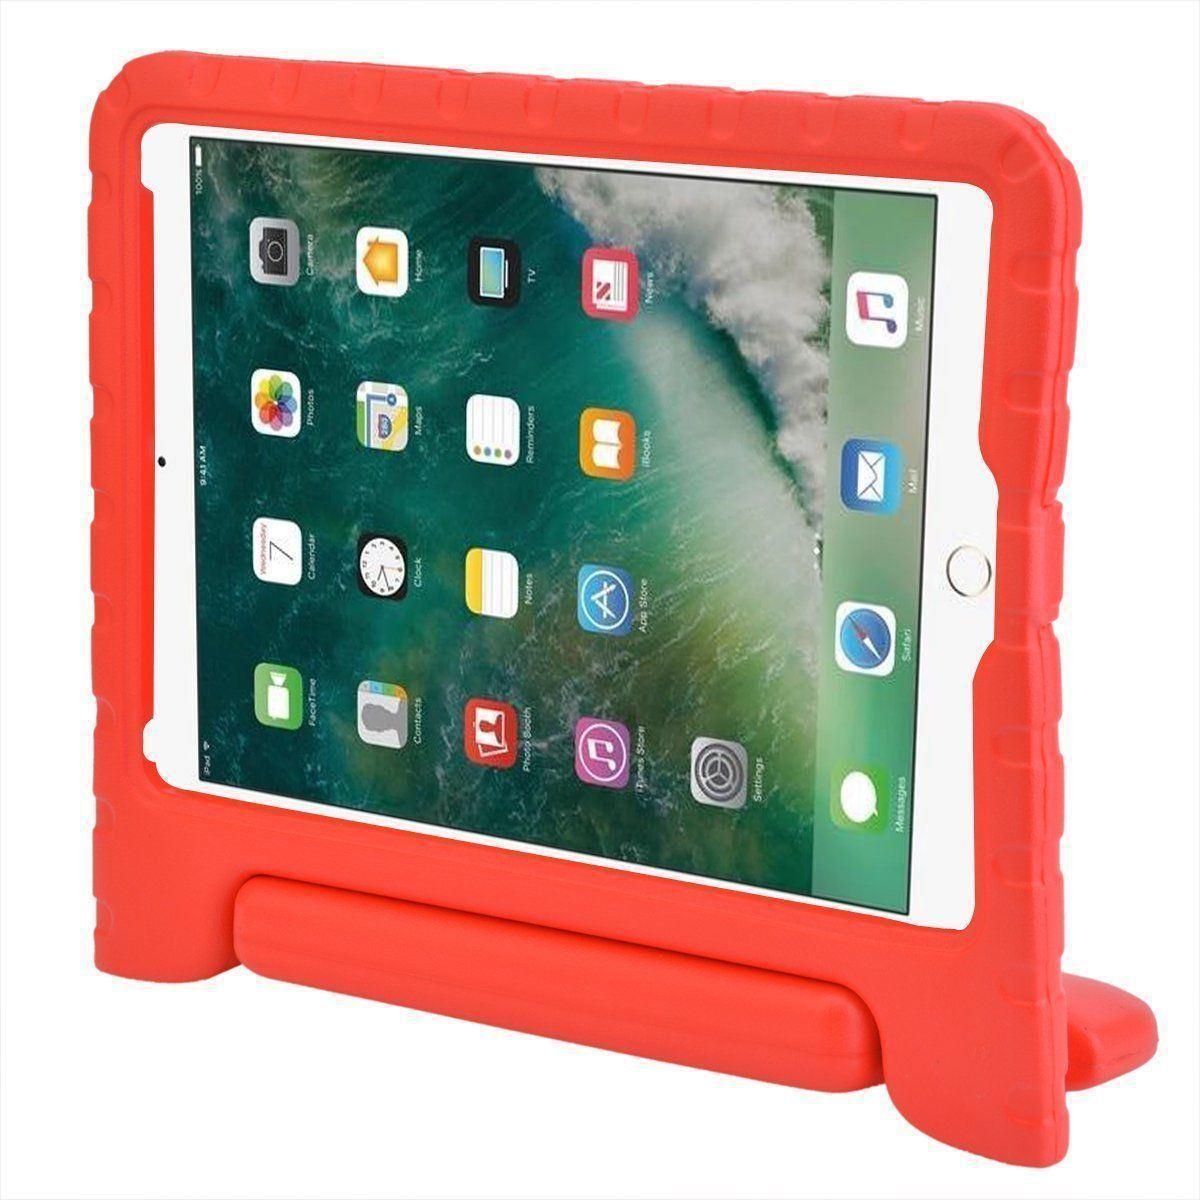 Capa Ipad 9.7 Apple 2018 6º Geração Anti Impacto Infantil com Alça